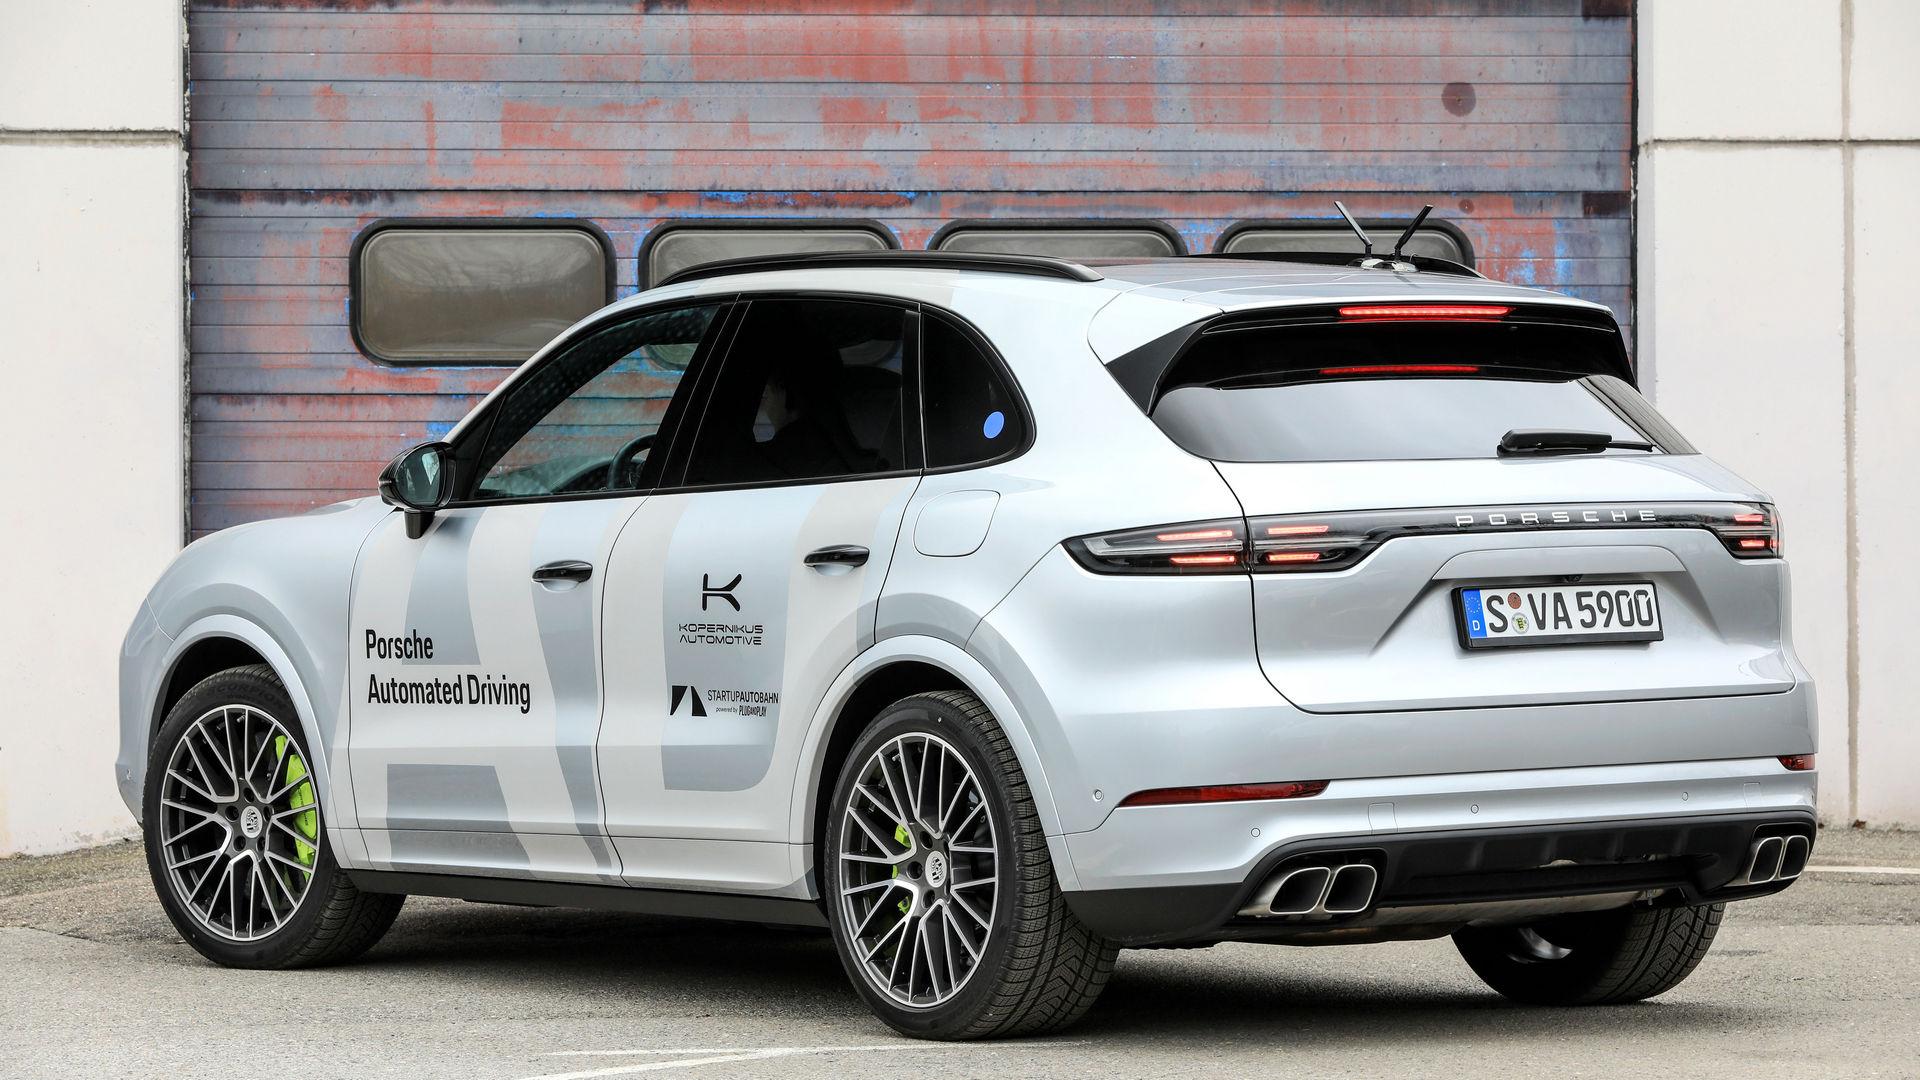 Porsche-Autonomous-1